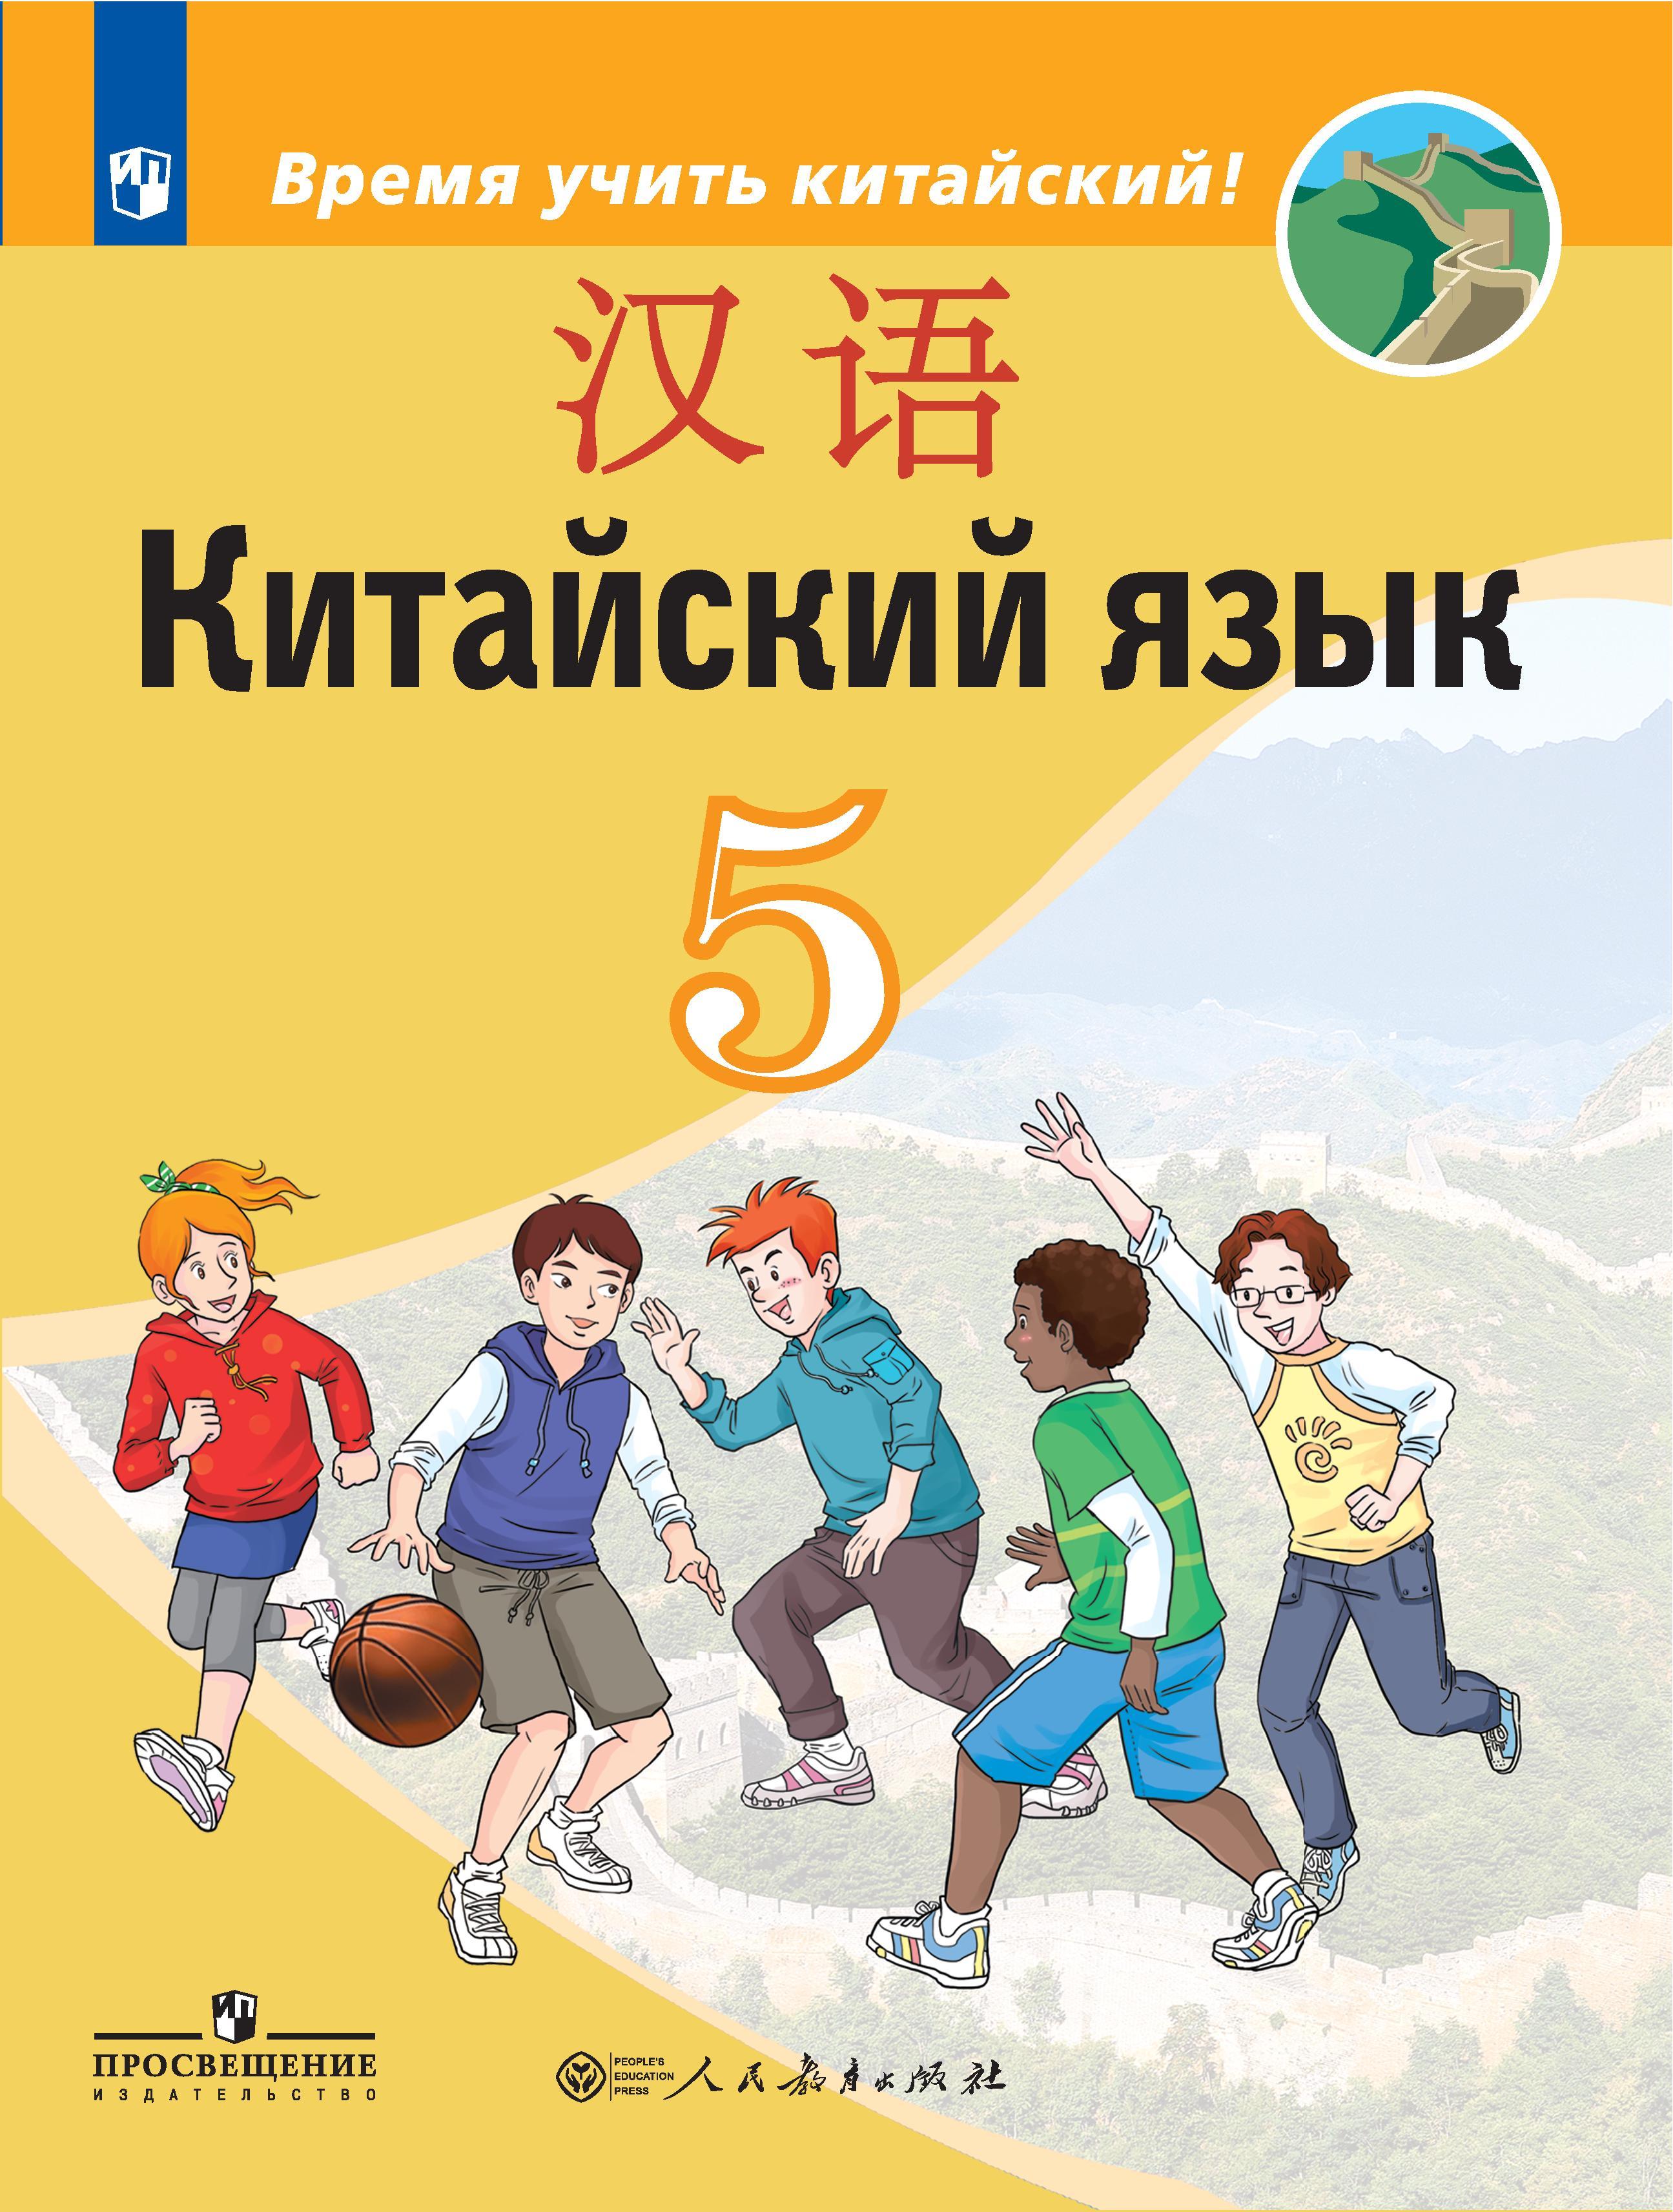 Китайский язык. Второй иностранный язык. 5 класс: учебник для общеобразовательных организаций